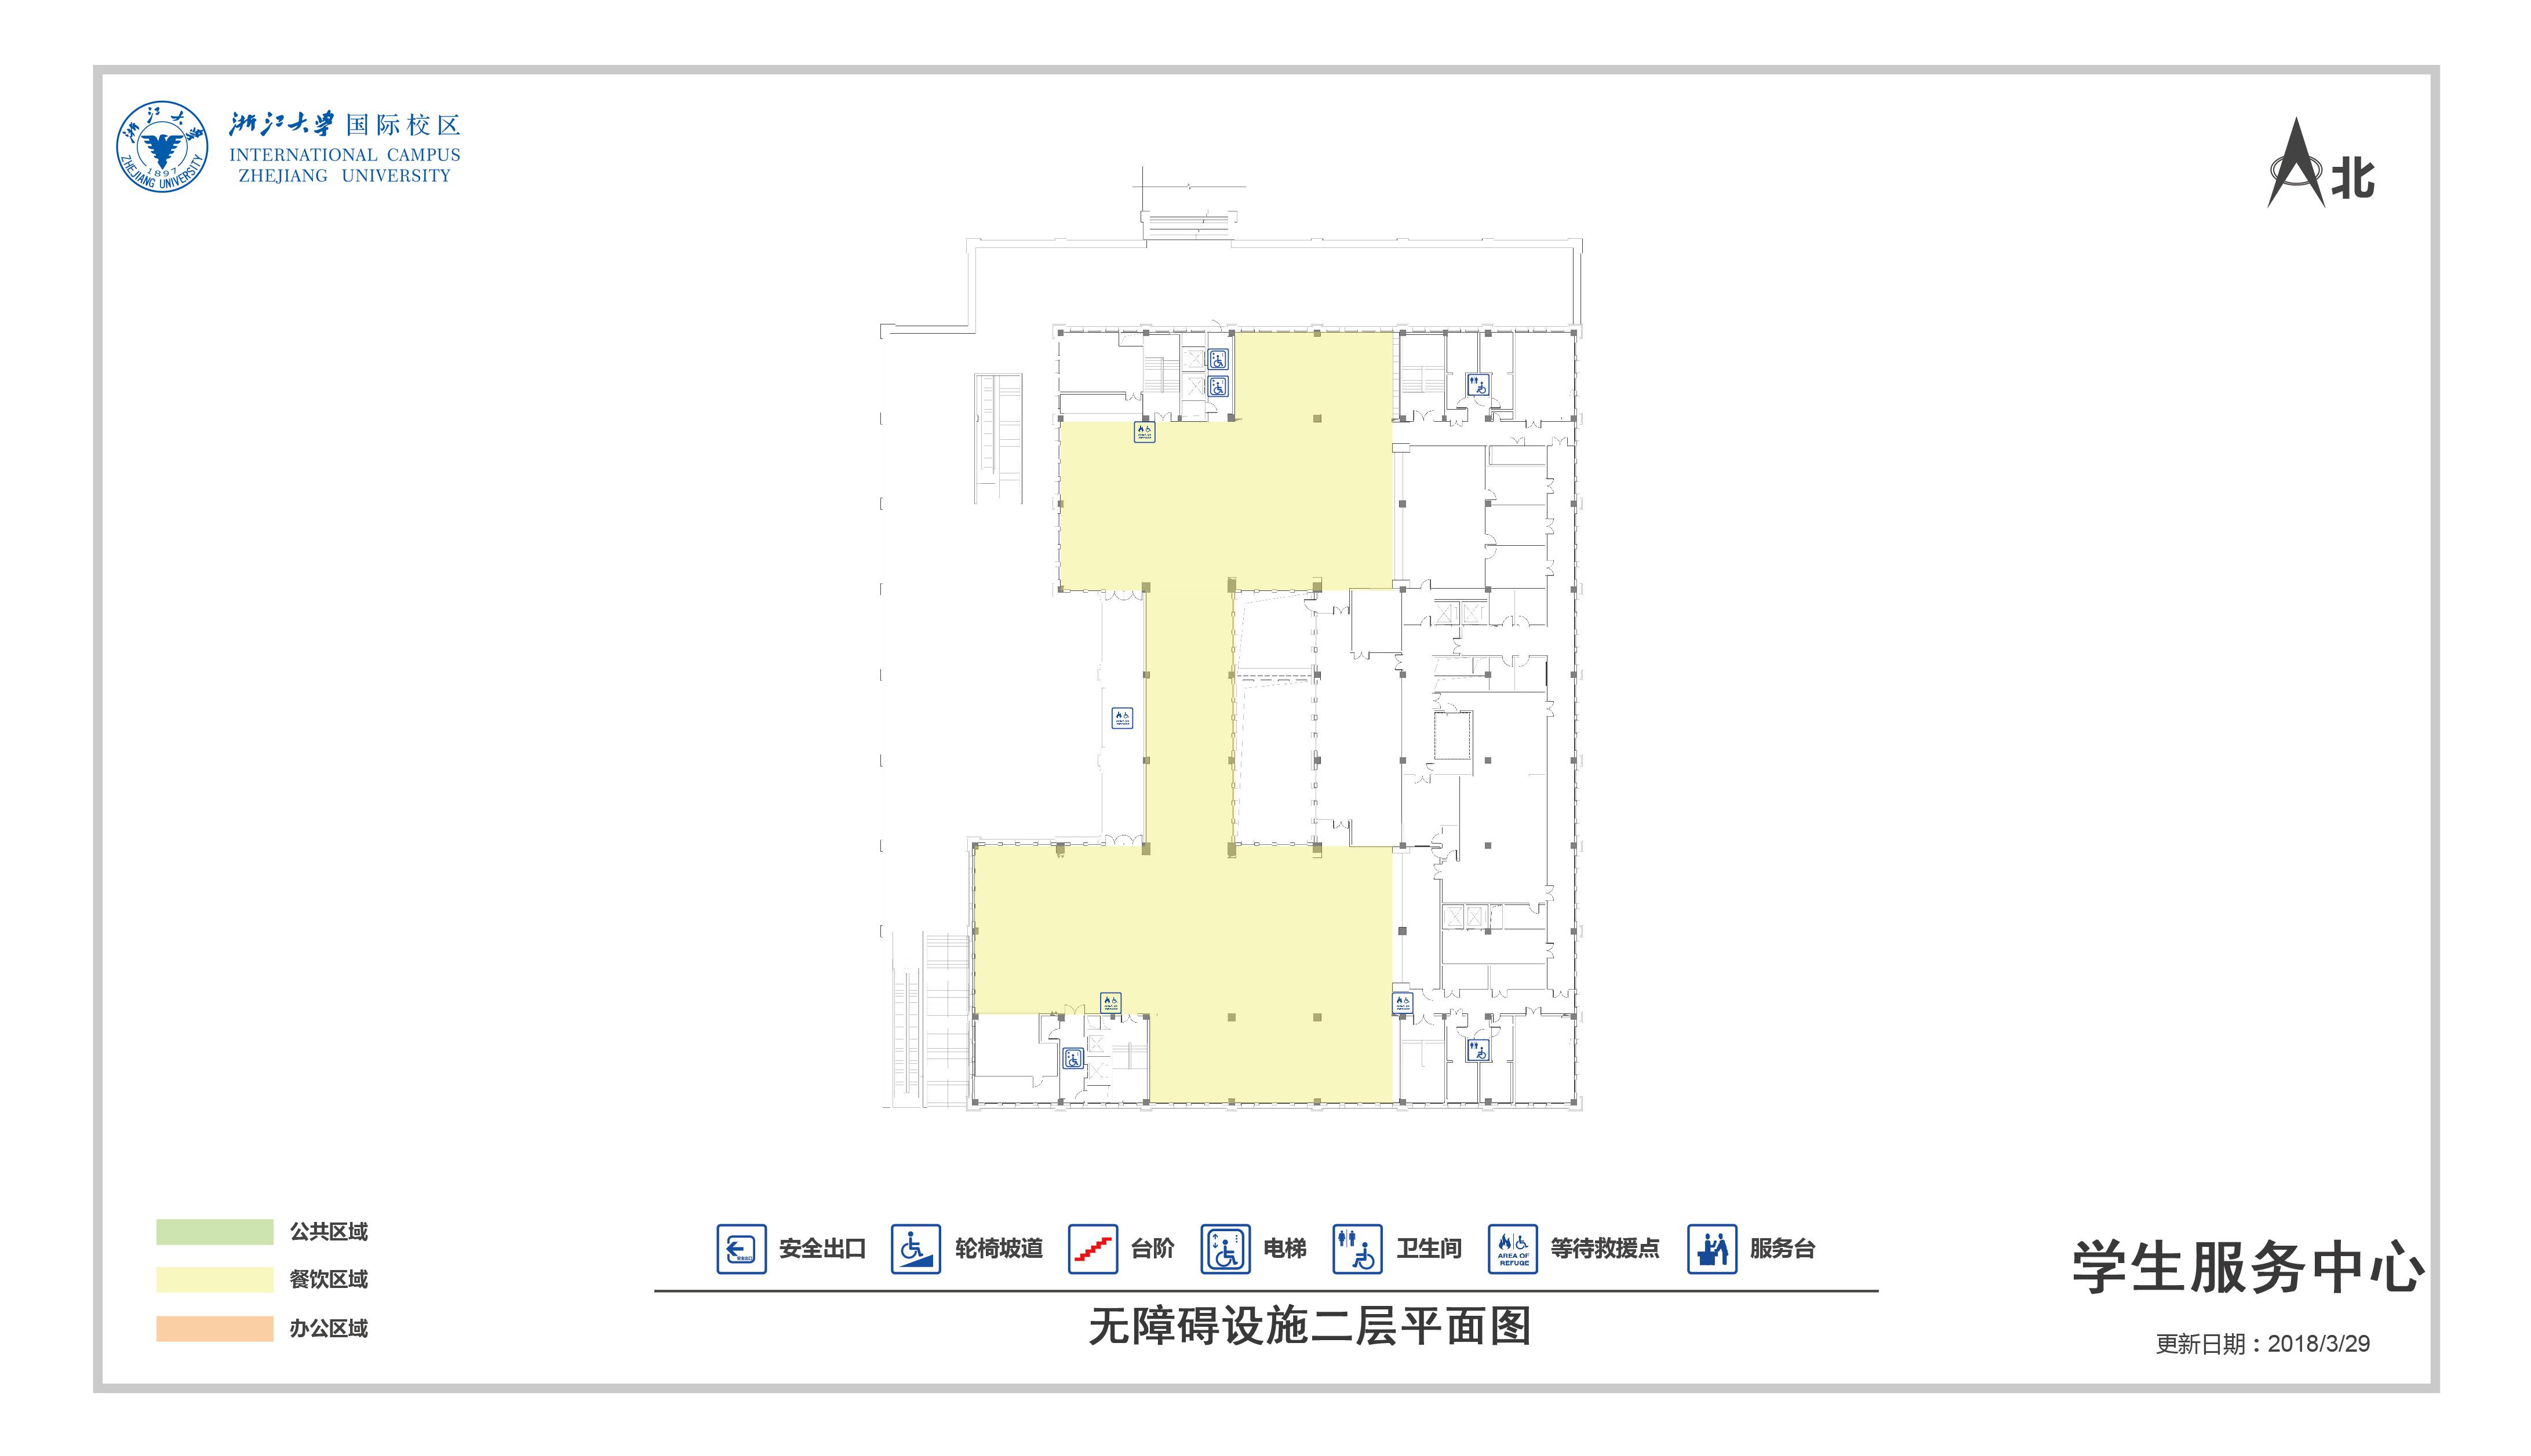 学生服务中心无障碍设施二层平面图.jpg